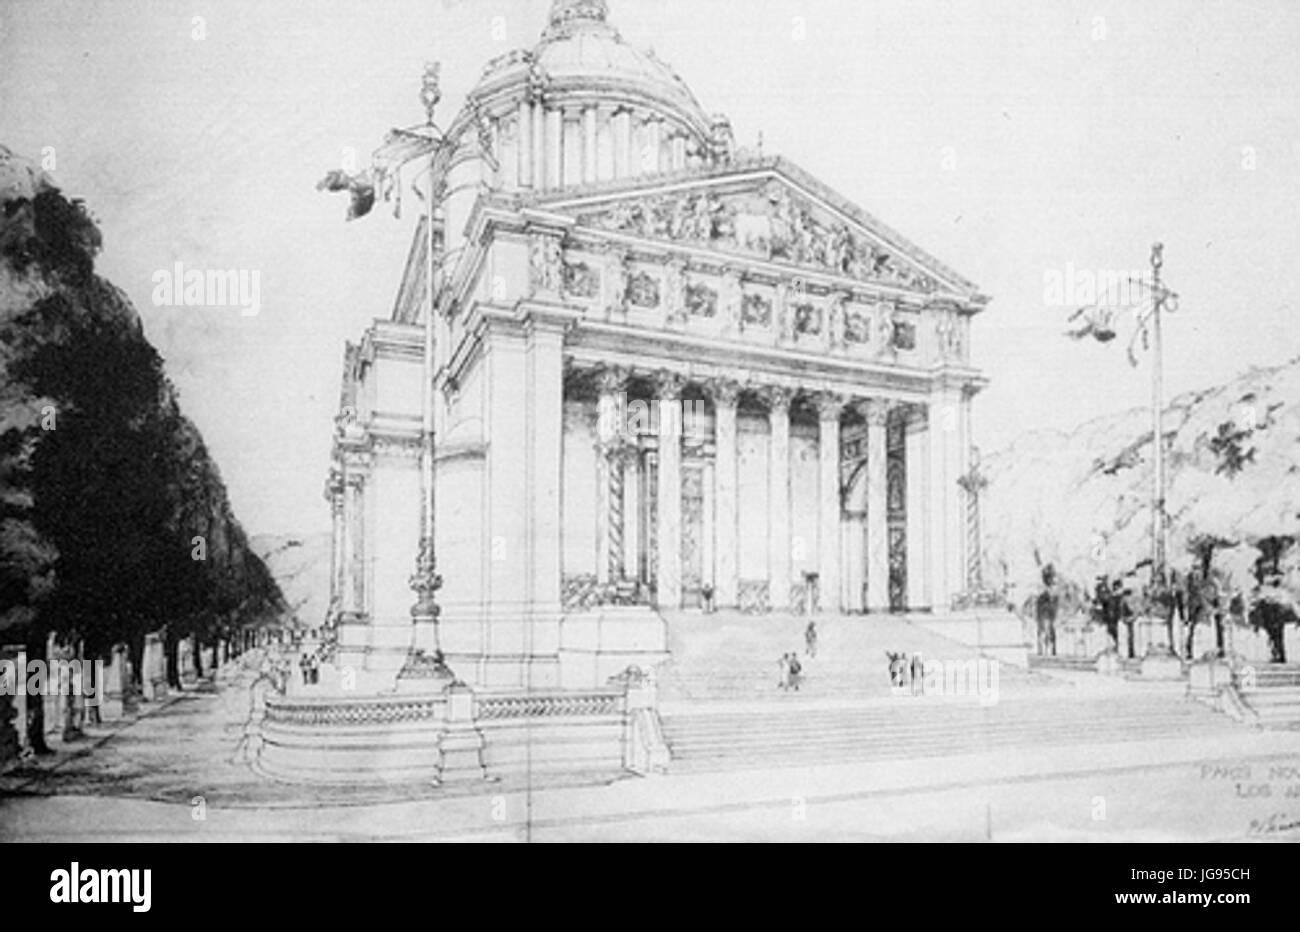 Mausoleo de los Hombres Ilustres 001 - Stock Image